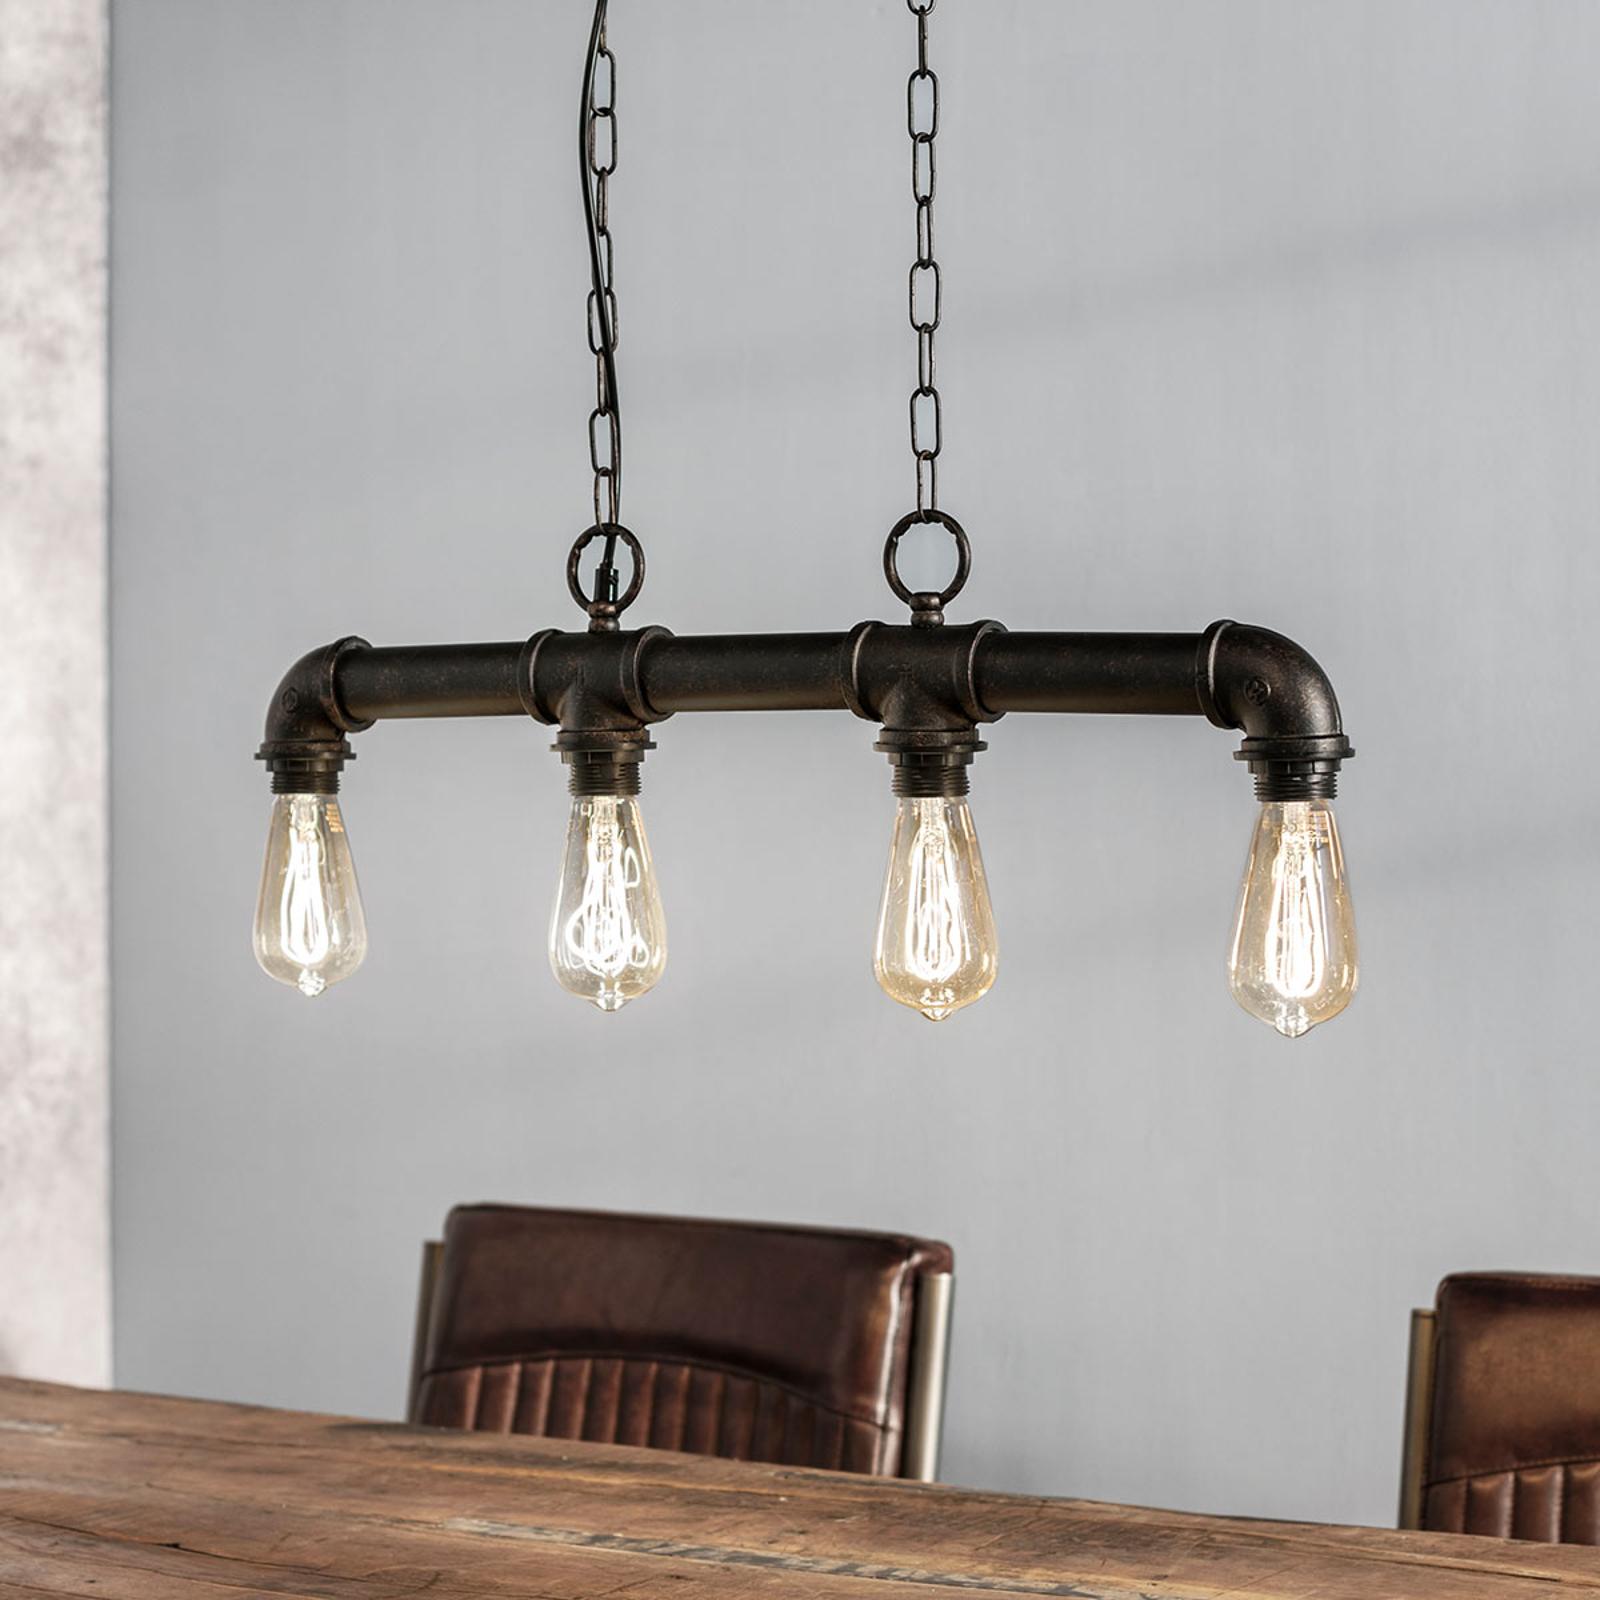 Delare – hänglampa i rördesign med 4 ljuskällor